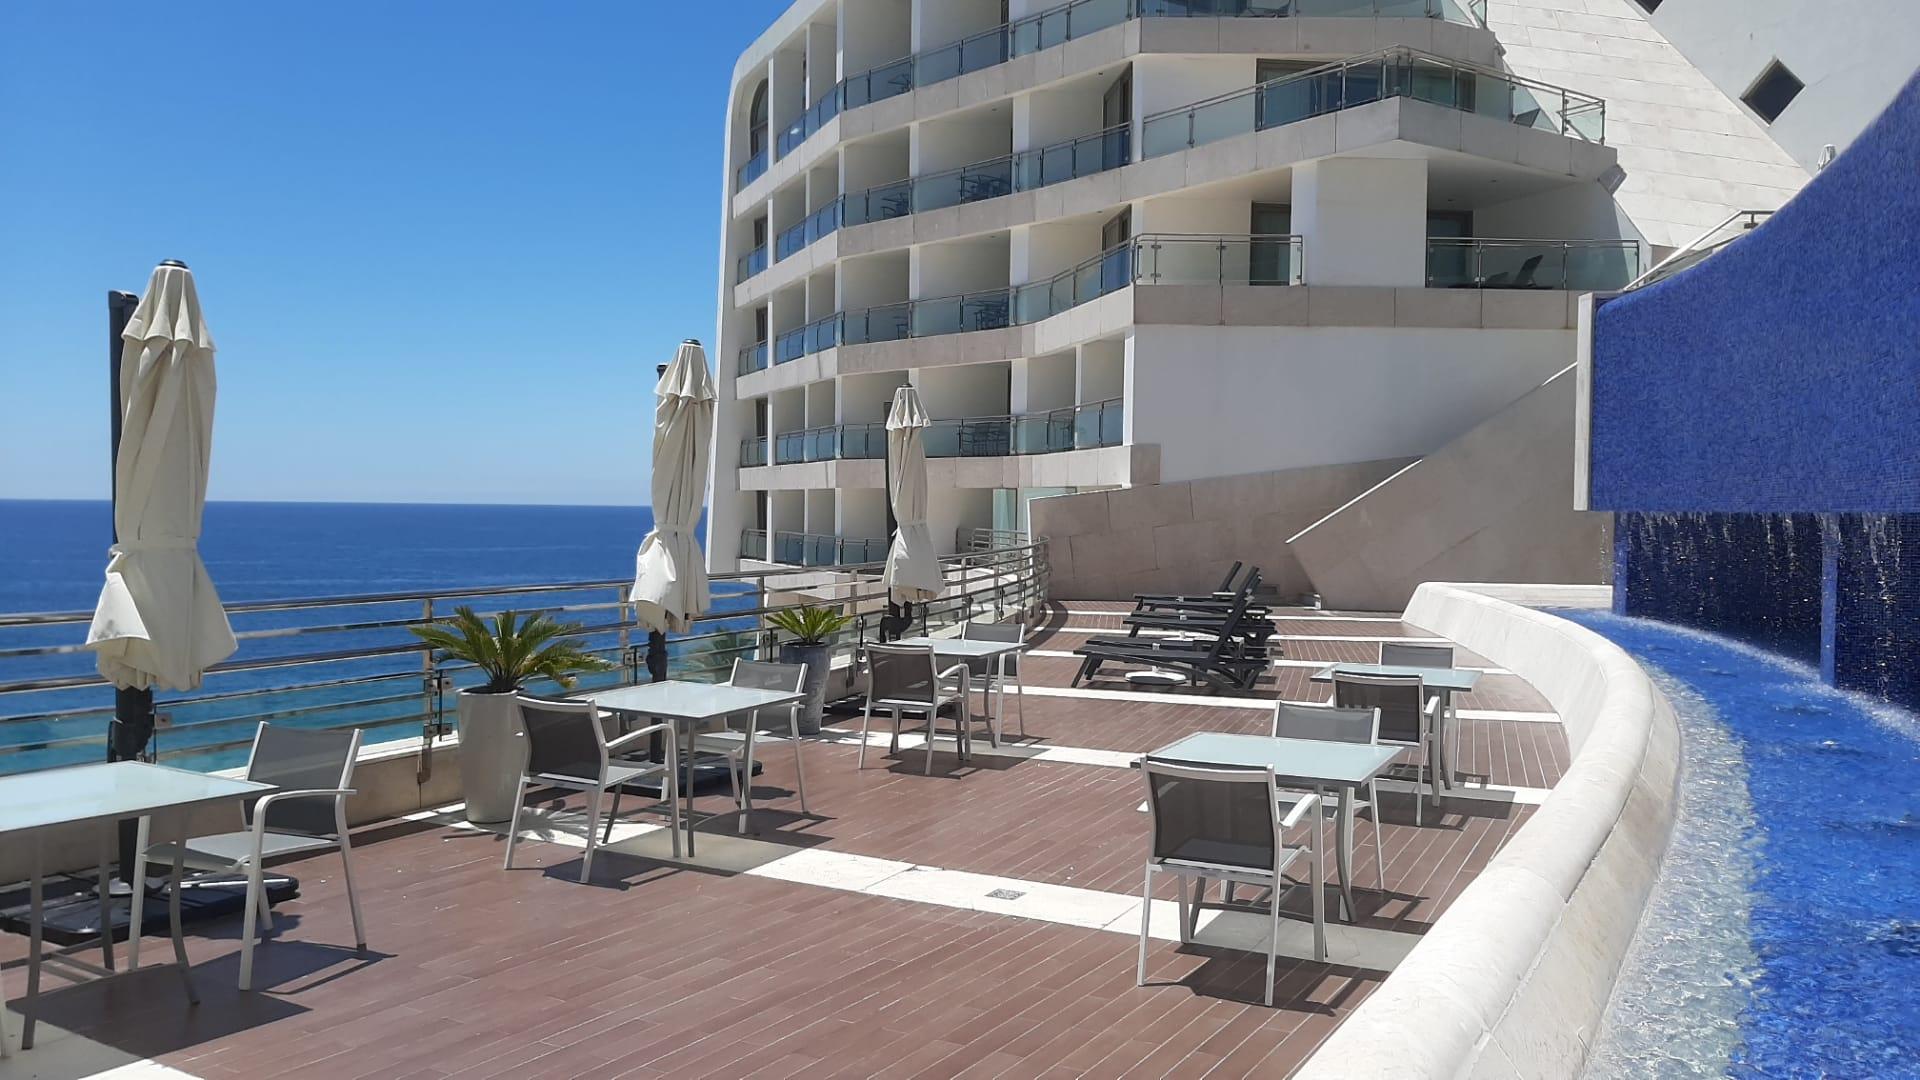 Esplanada Restaurante 3 COVID